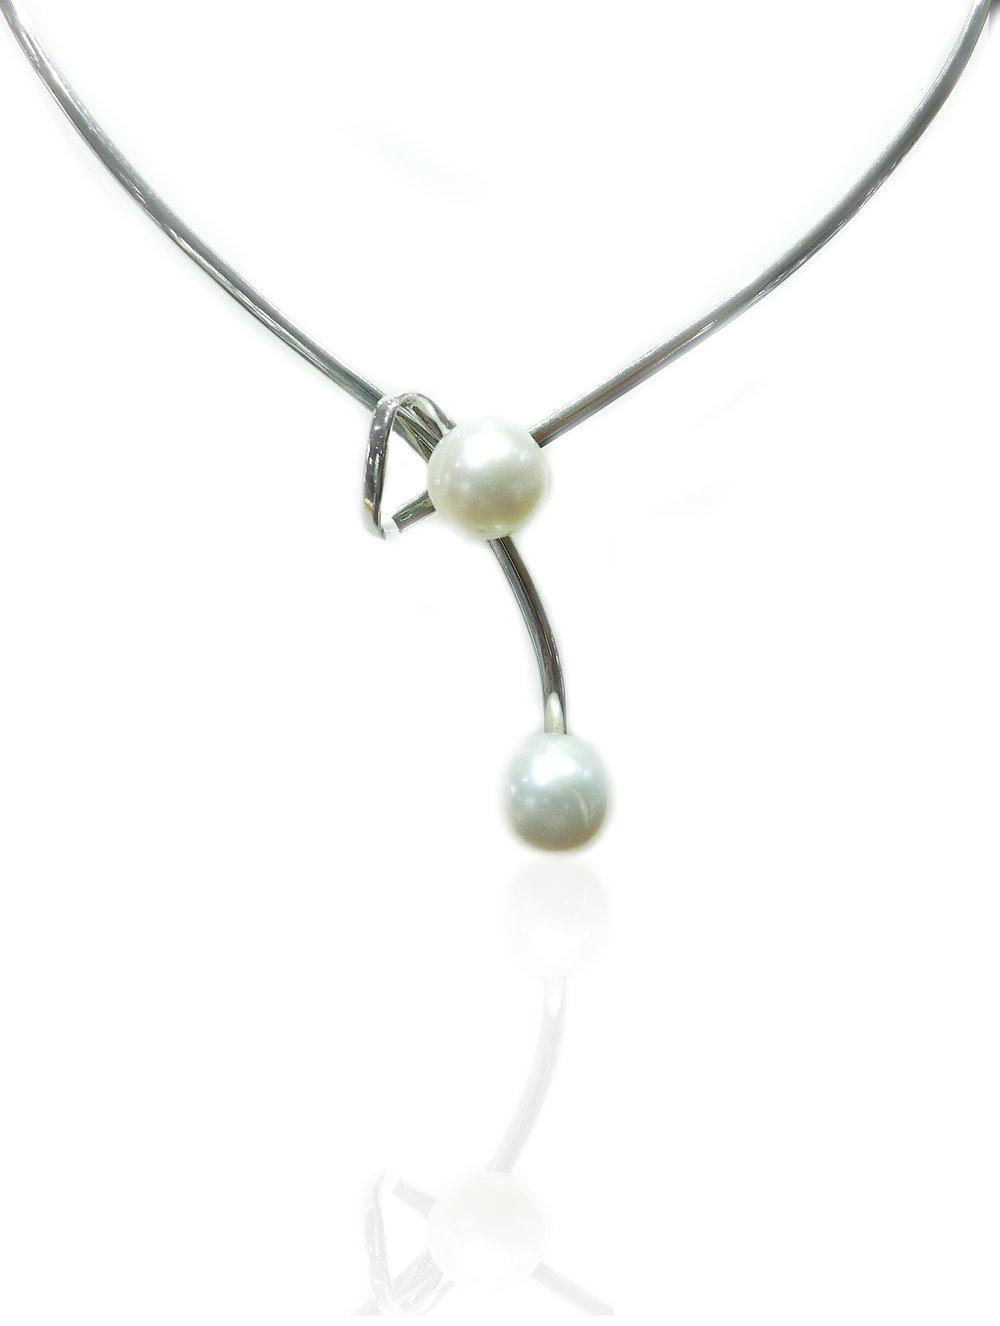 South sea pearl silver pendant!